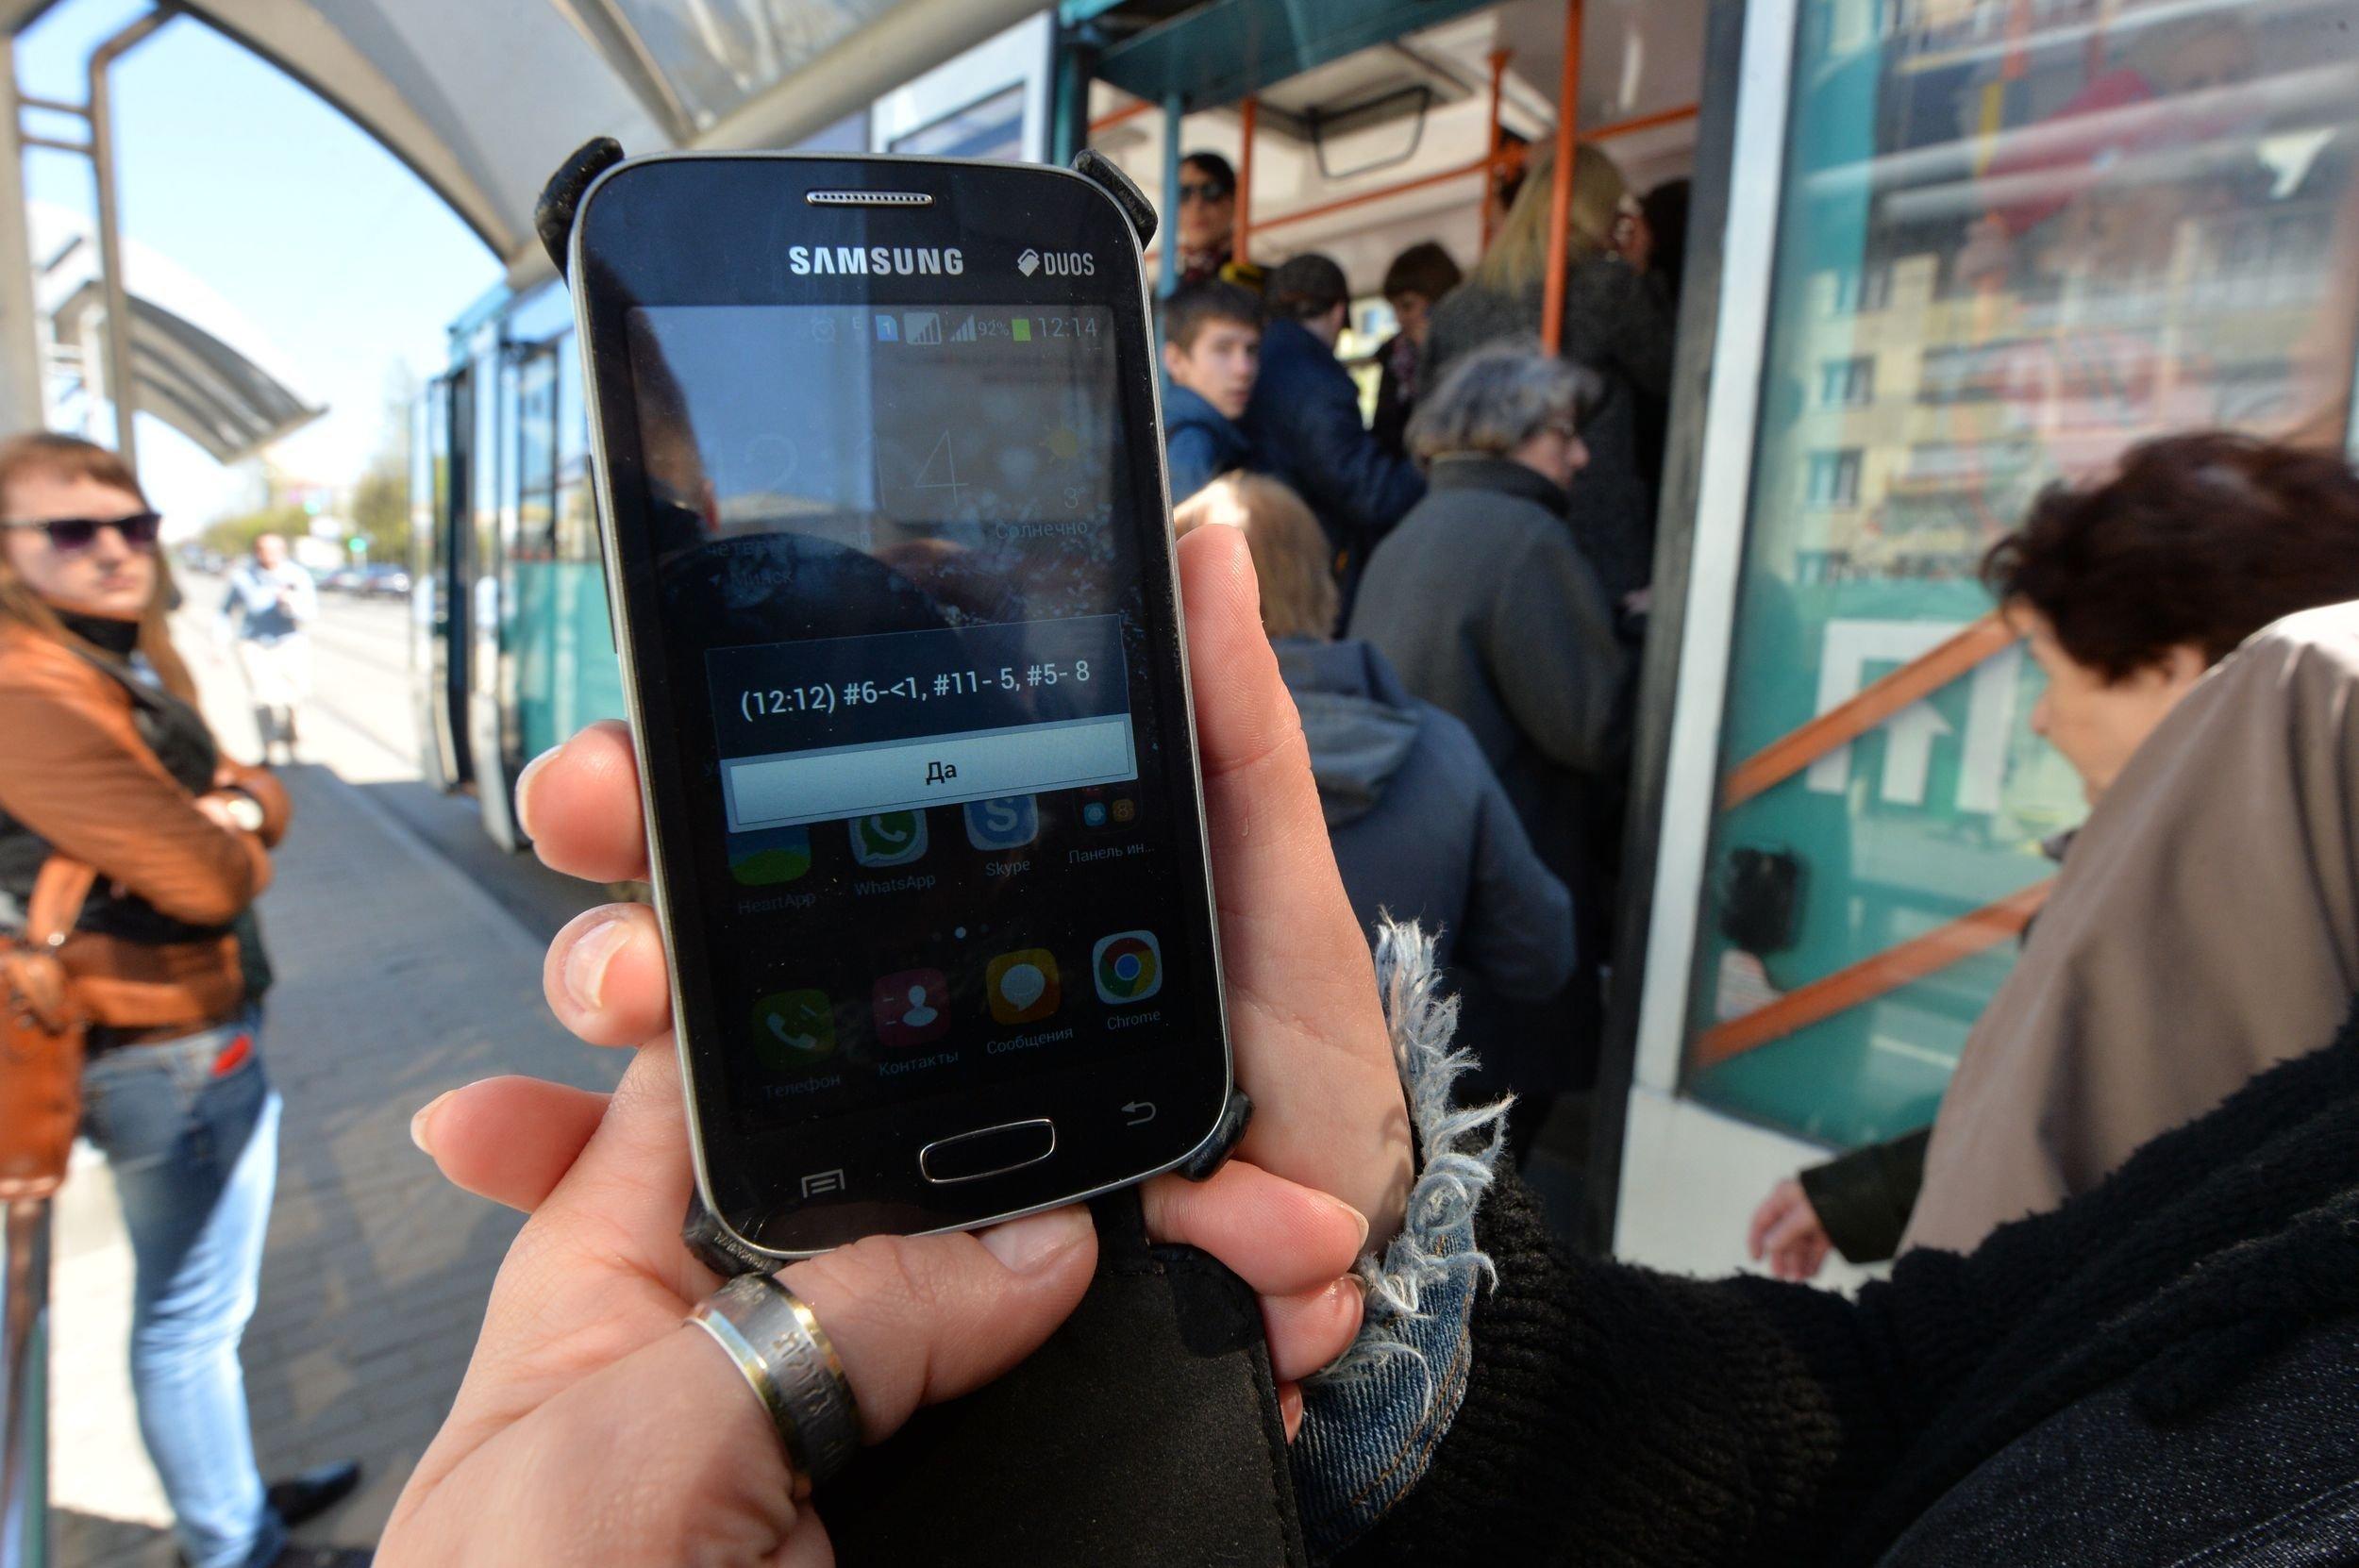 Сообщение о времени прибытия следующего трамвая